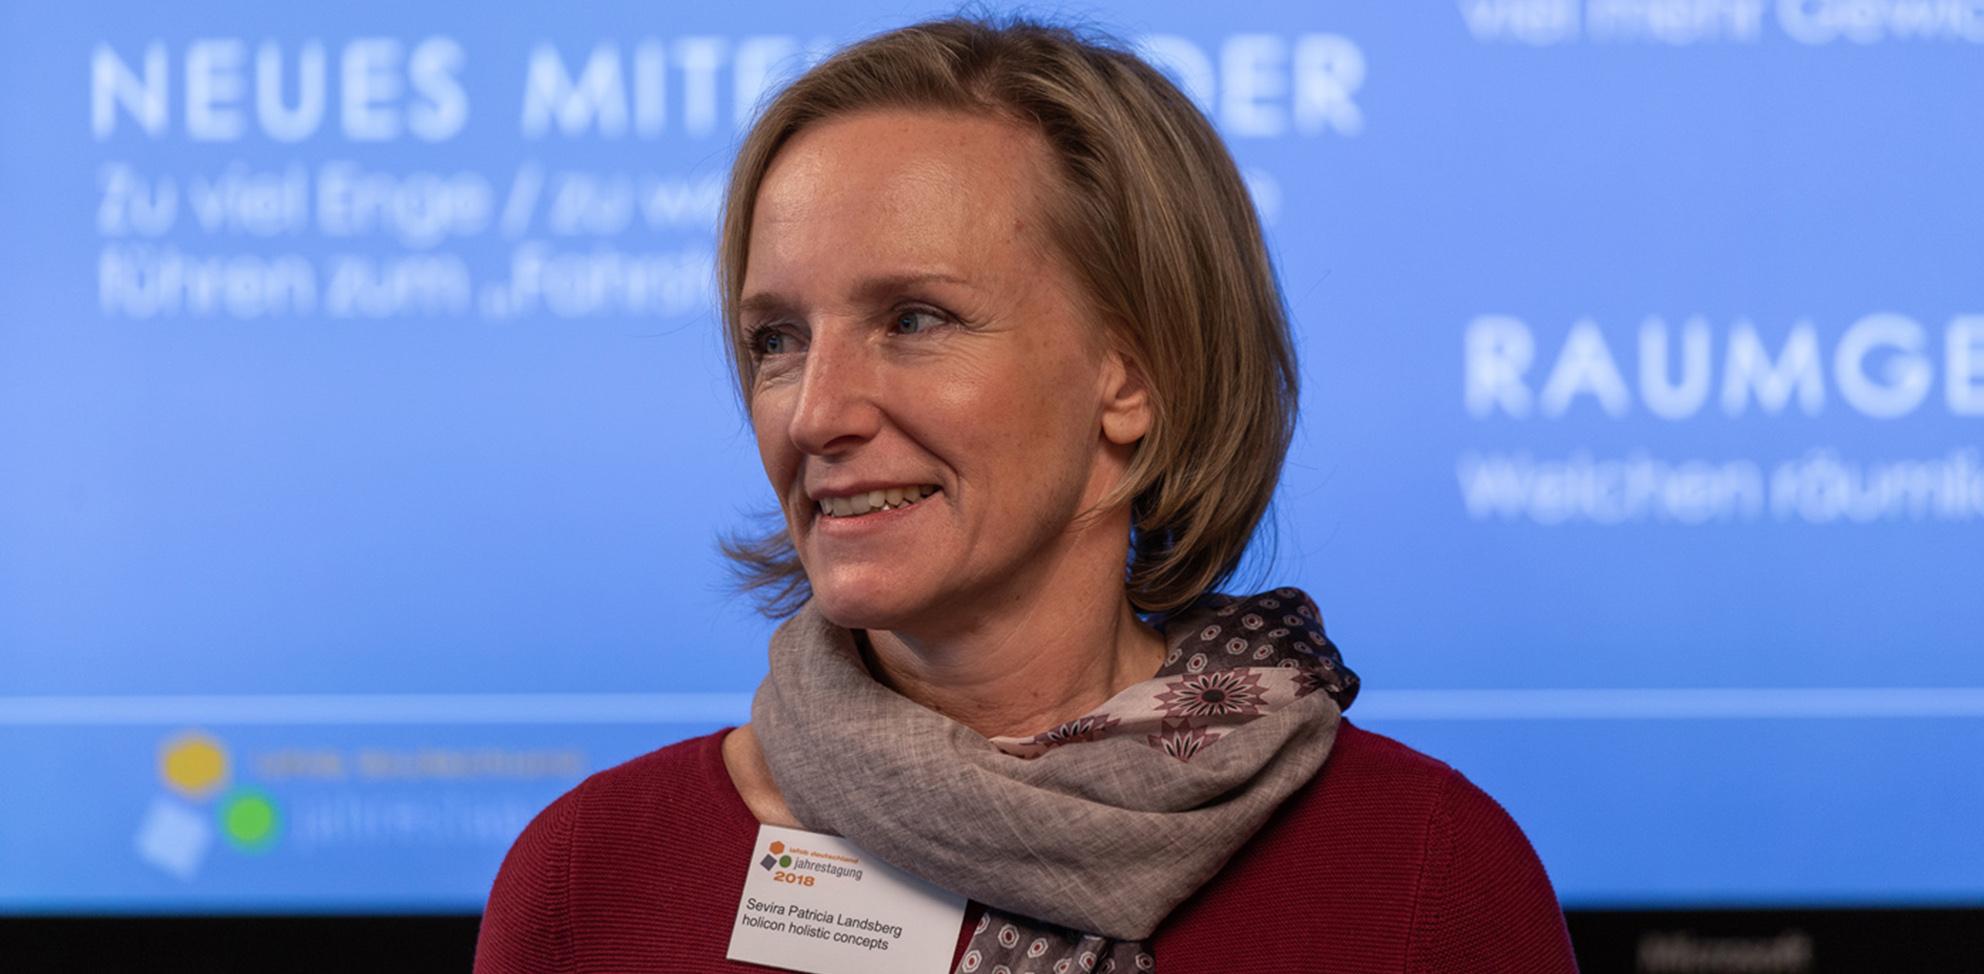 Sevira P. Landsberg beim Vortrag in Bern